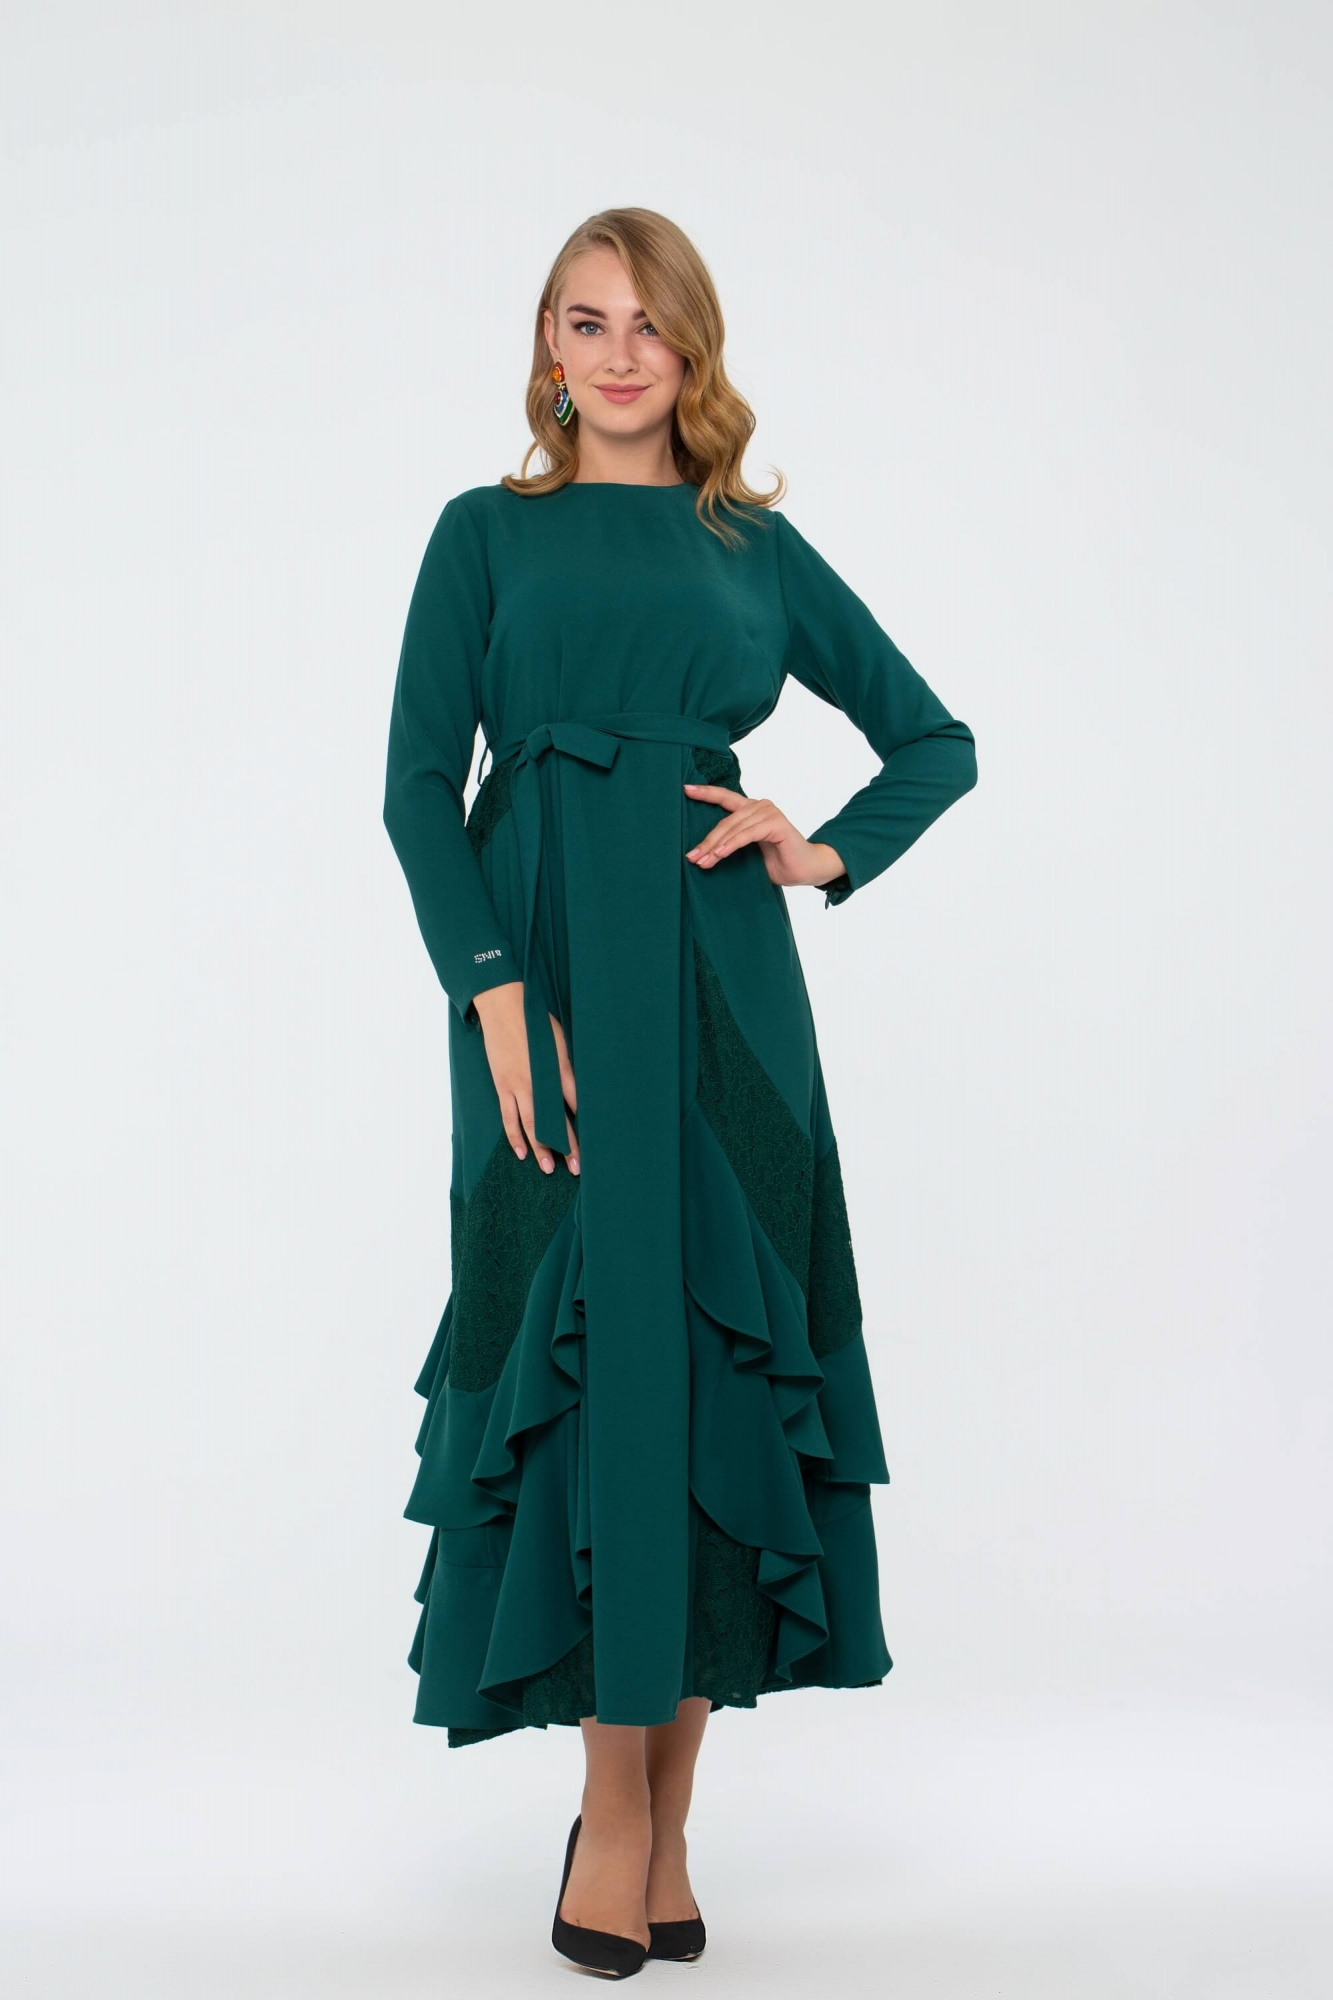 Bihterin Elbise Zümrüt Yeşili 3025W19